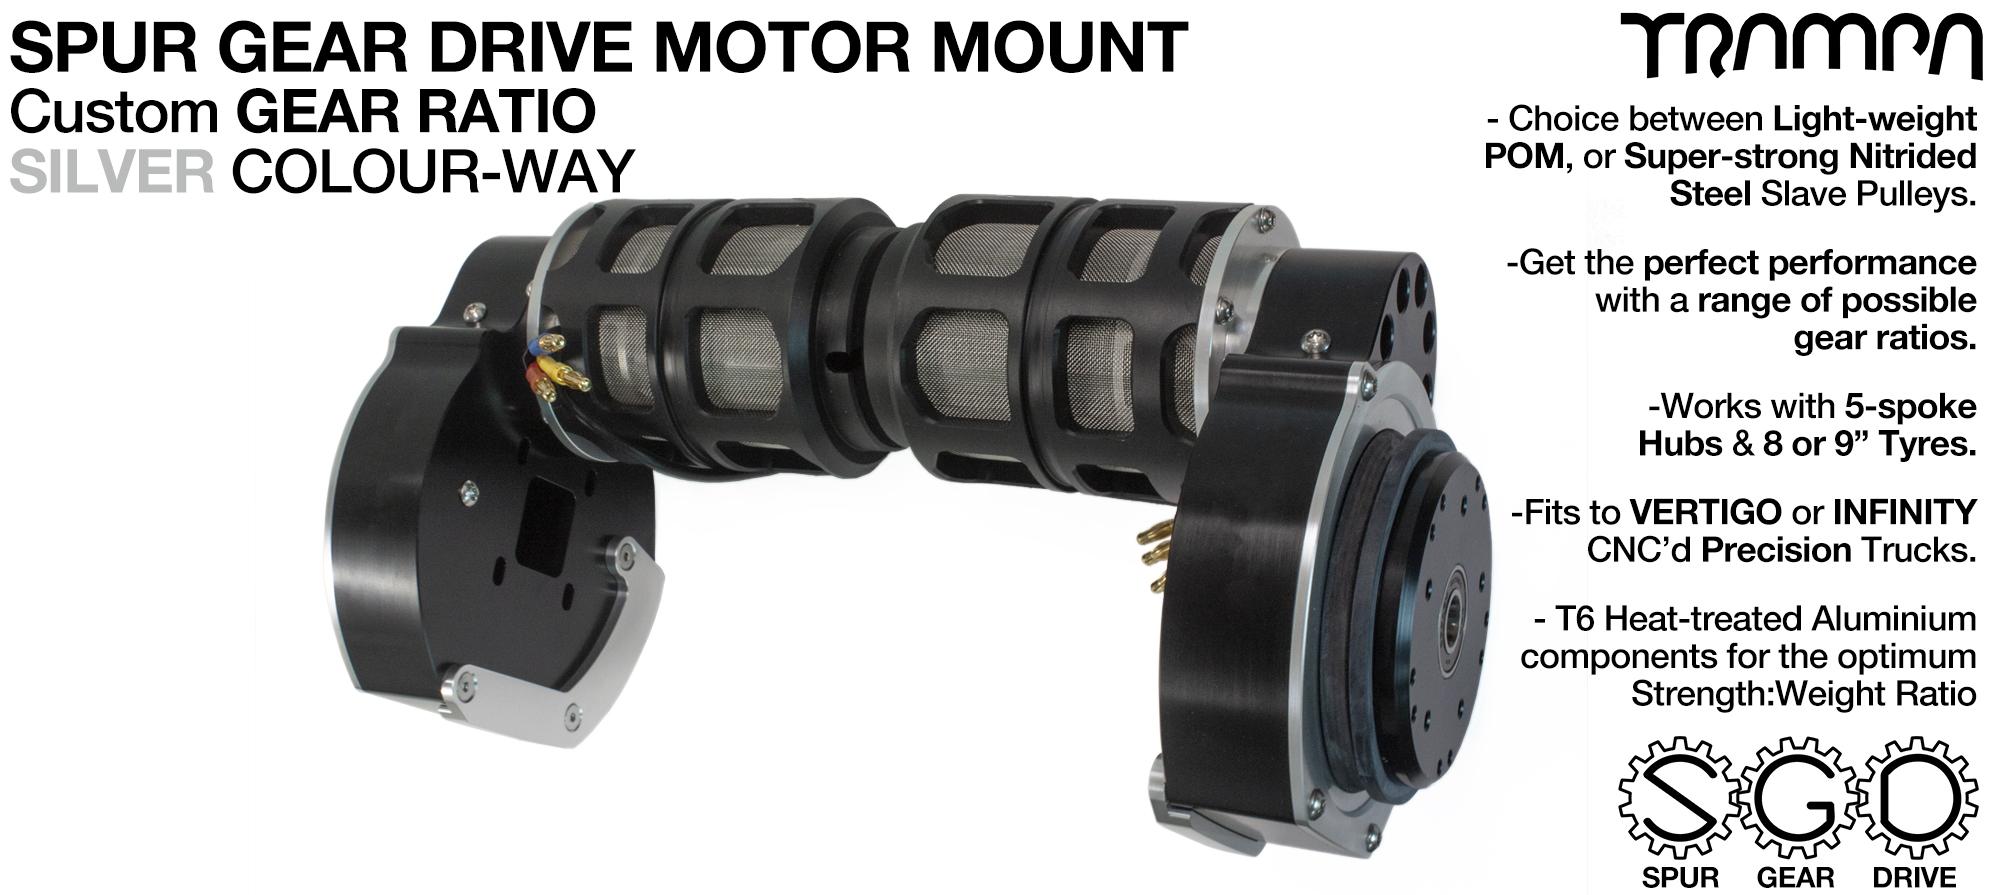 Mountainboard EXTERNAL Spur Gear Drive TWIN Motor Mounts